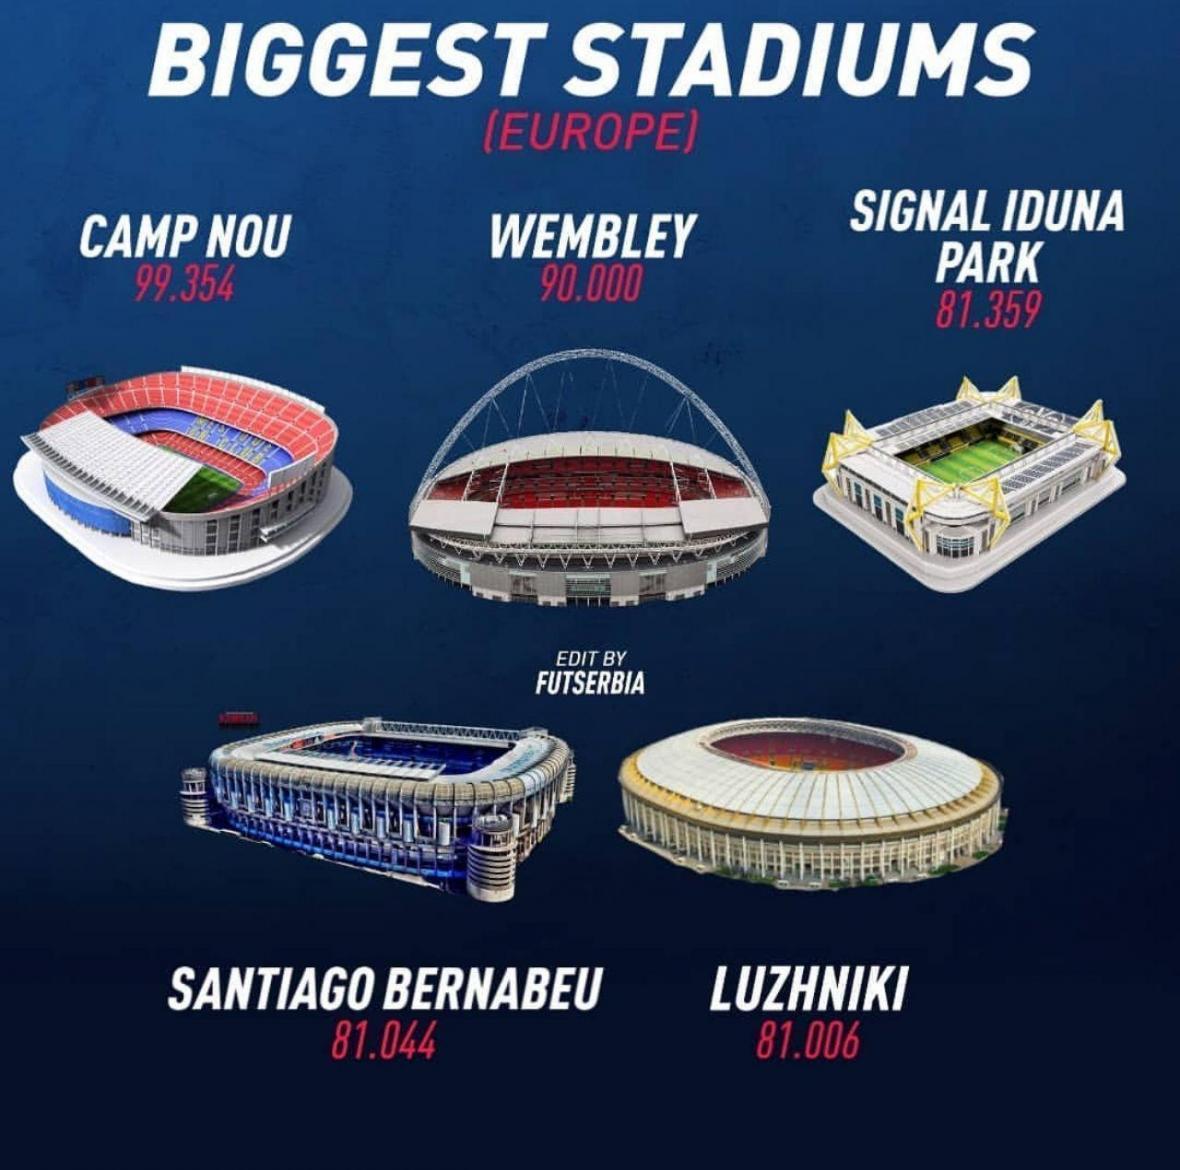 گنجایش بزرگترین ورزشگاه ورزشی در اروپا چقدر است؟